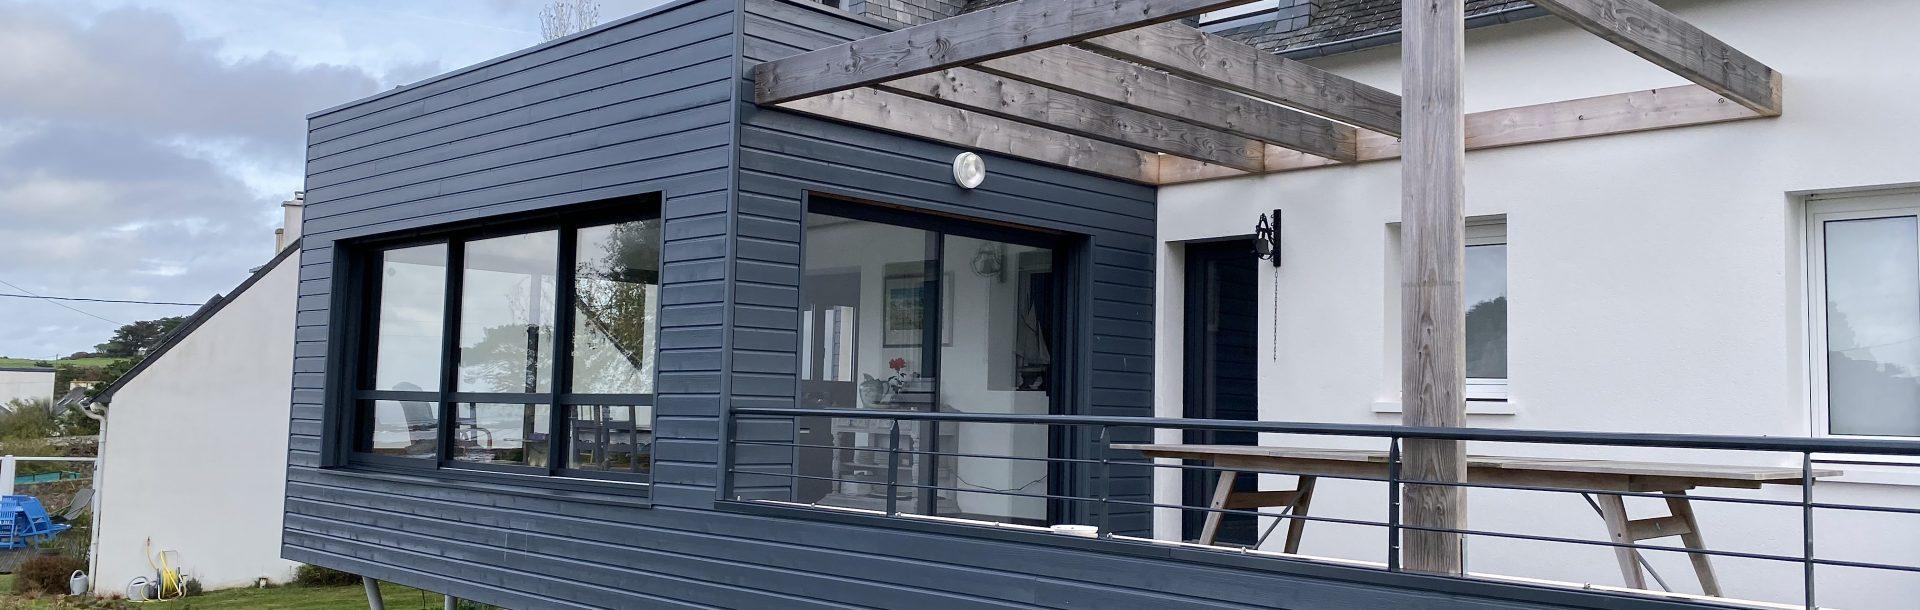 Lamaisondubatiment Bardage Maisonneuve Renovation Habitation Terrasse